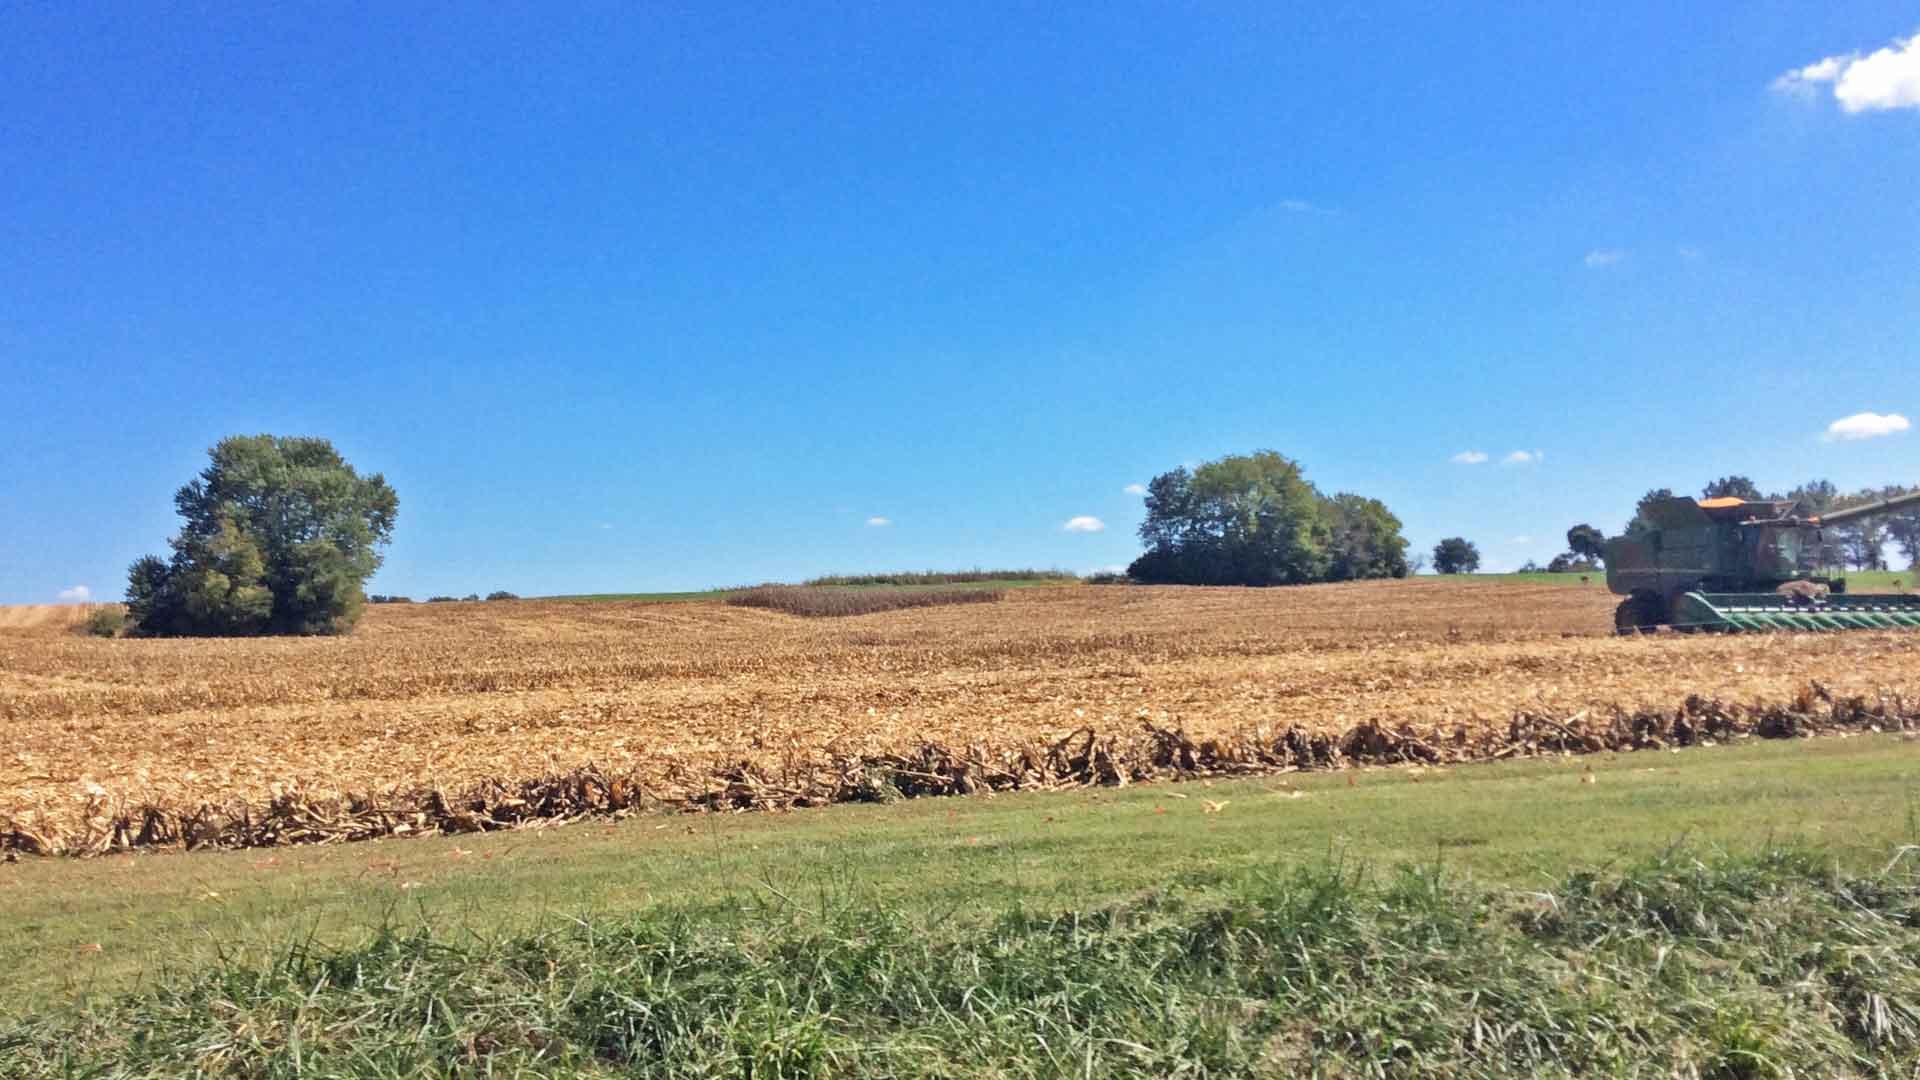 Endlose Landschaften in den USA. Hier ist auch viel Platz für Landwirtschaft und den Anbau von Getreide für die Bourbon-Herstellung. (Foto: Malt Whisky)